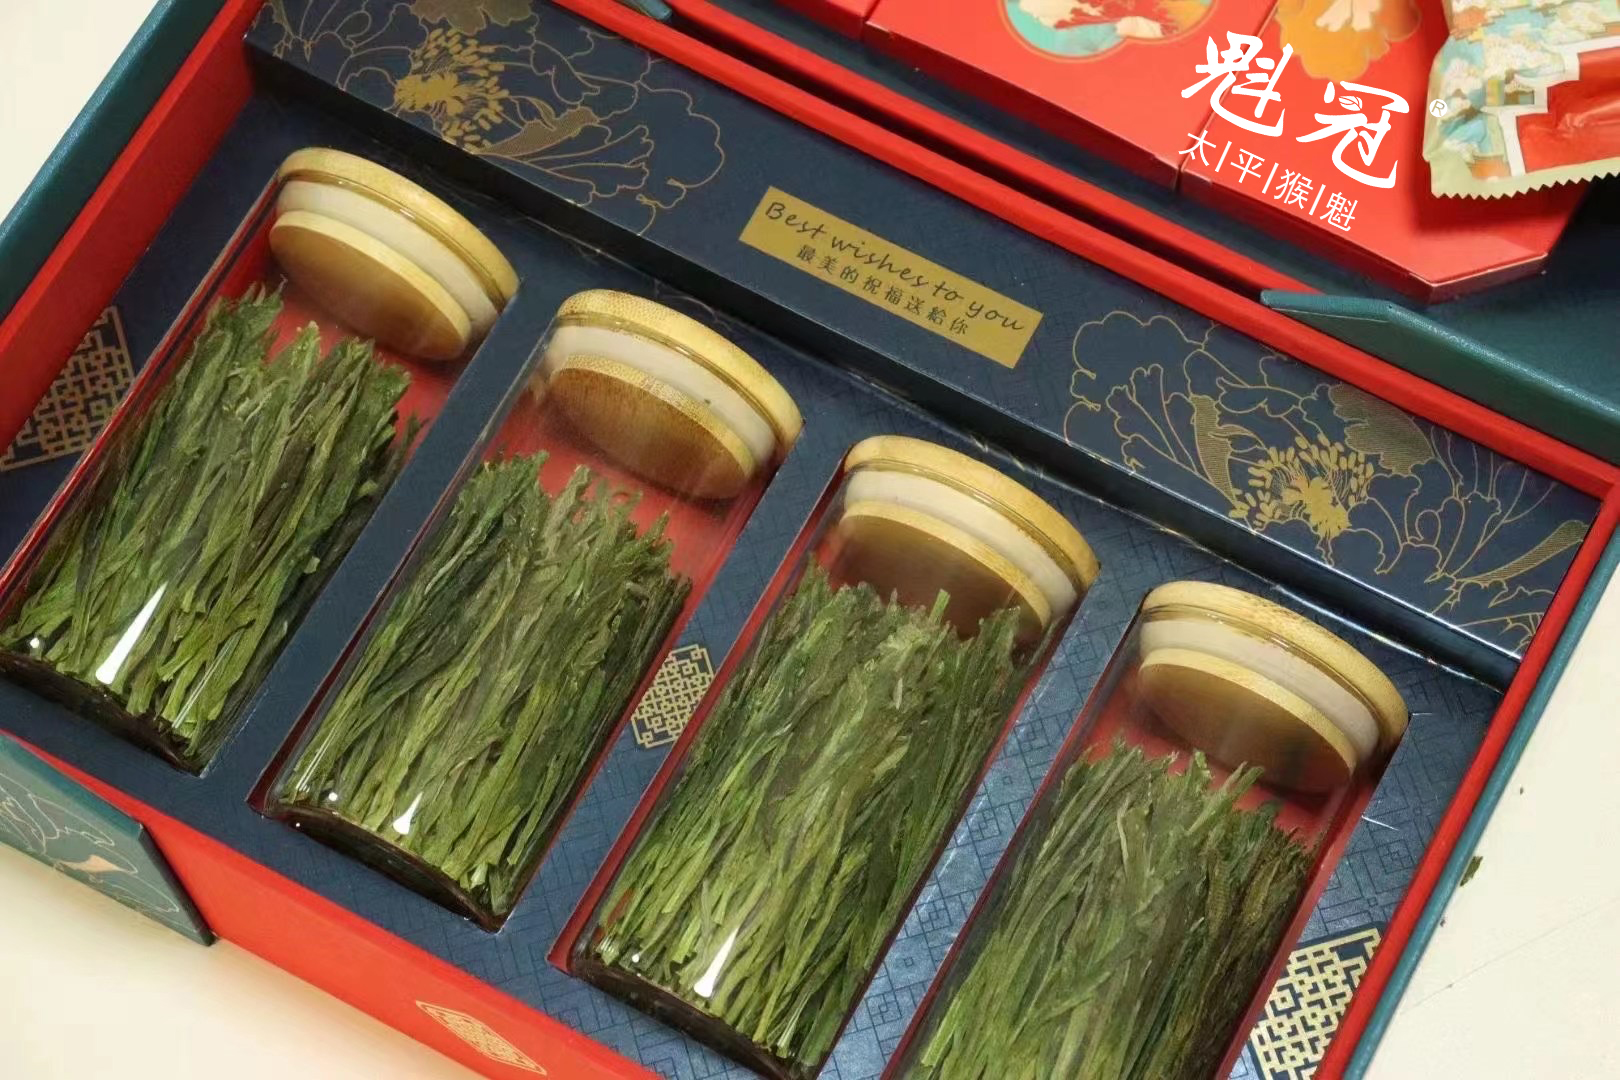 安徽省首批产品质量提升示范区名单公布,黄山区太平猴魁茶名列其中